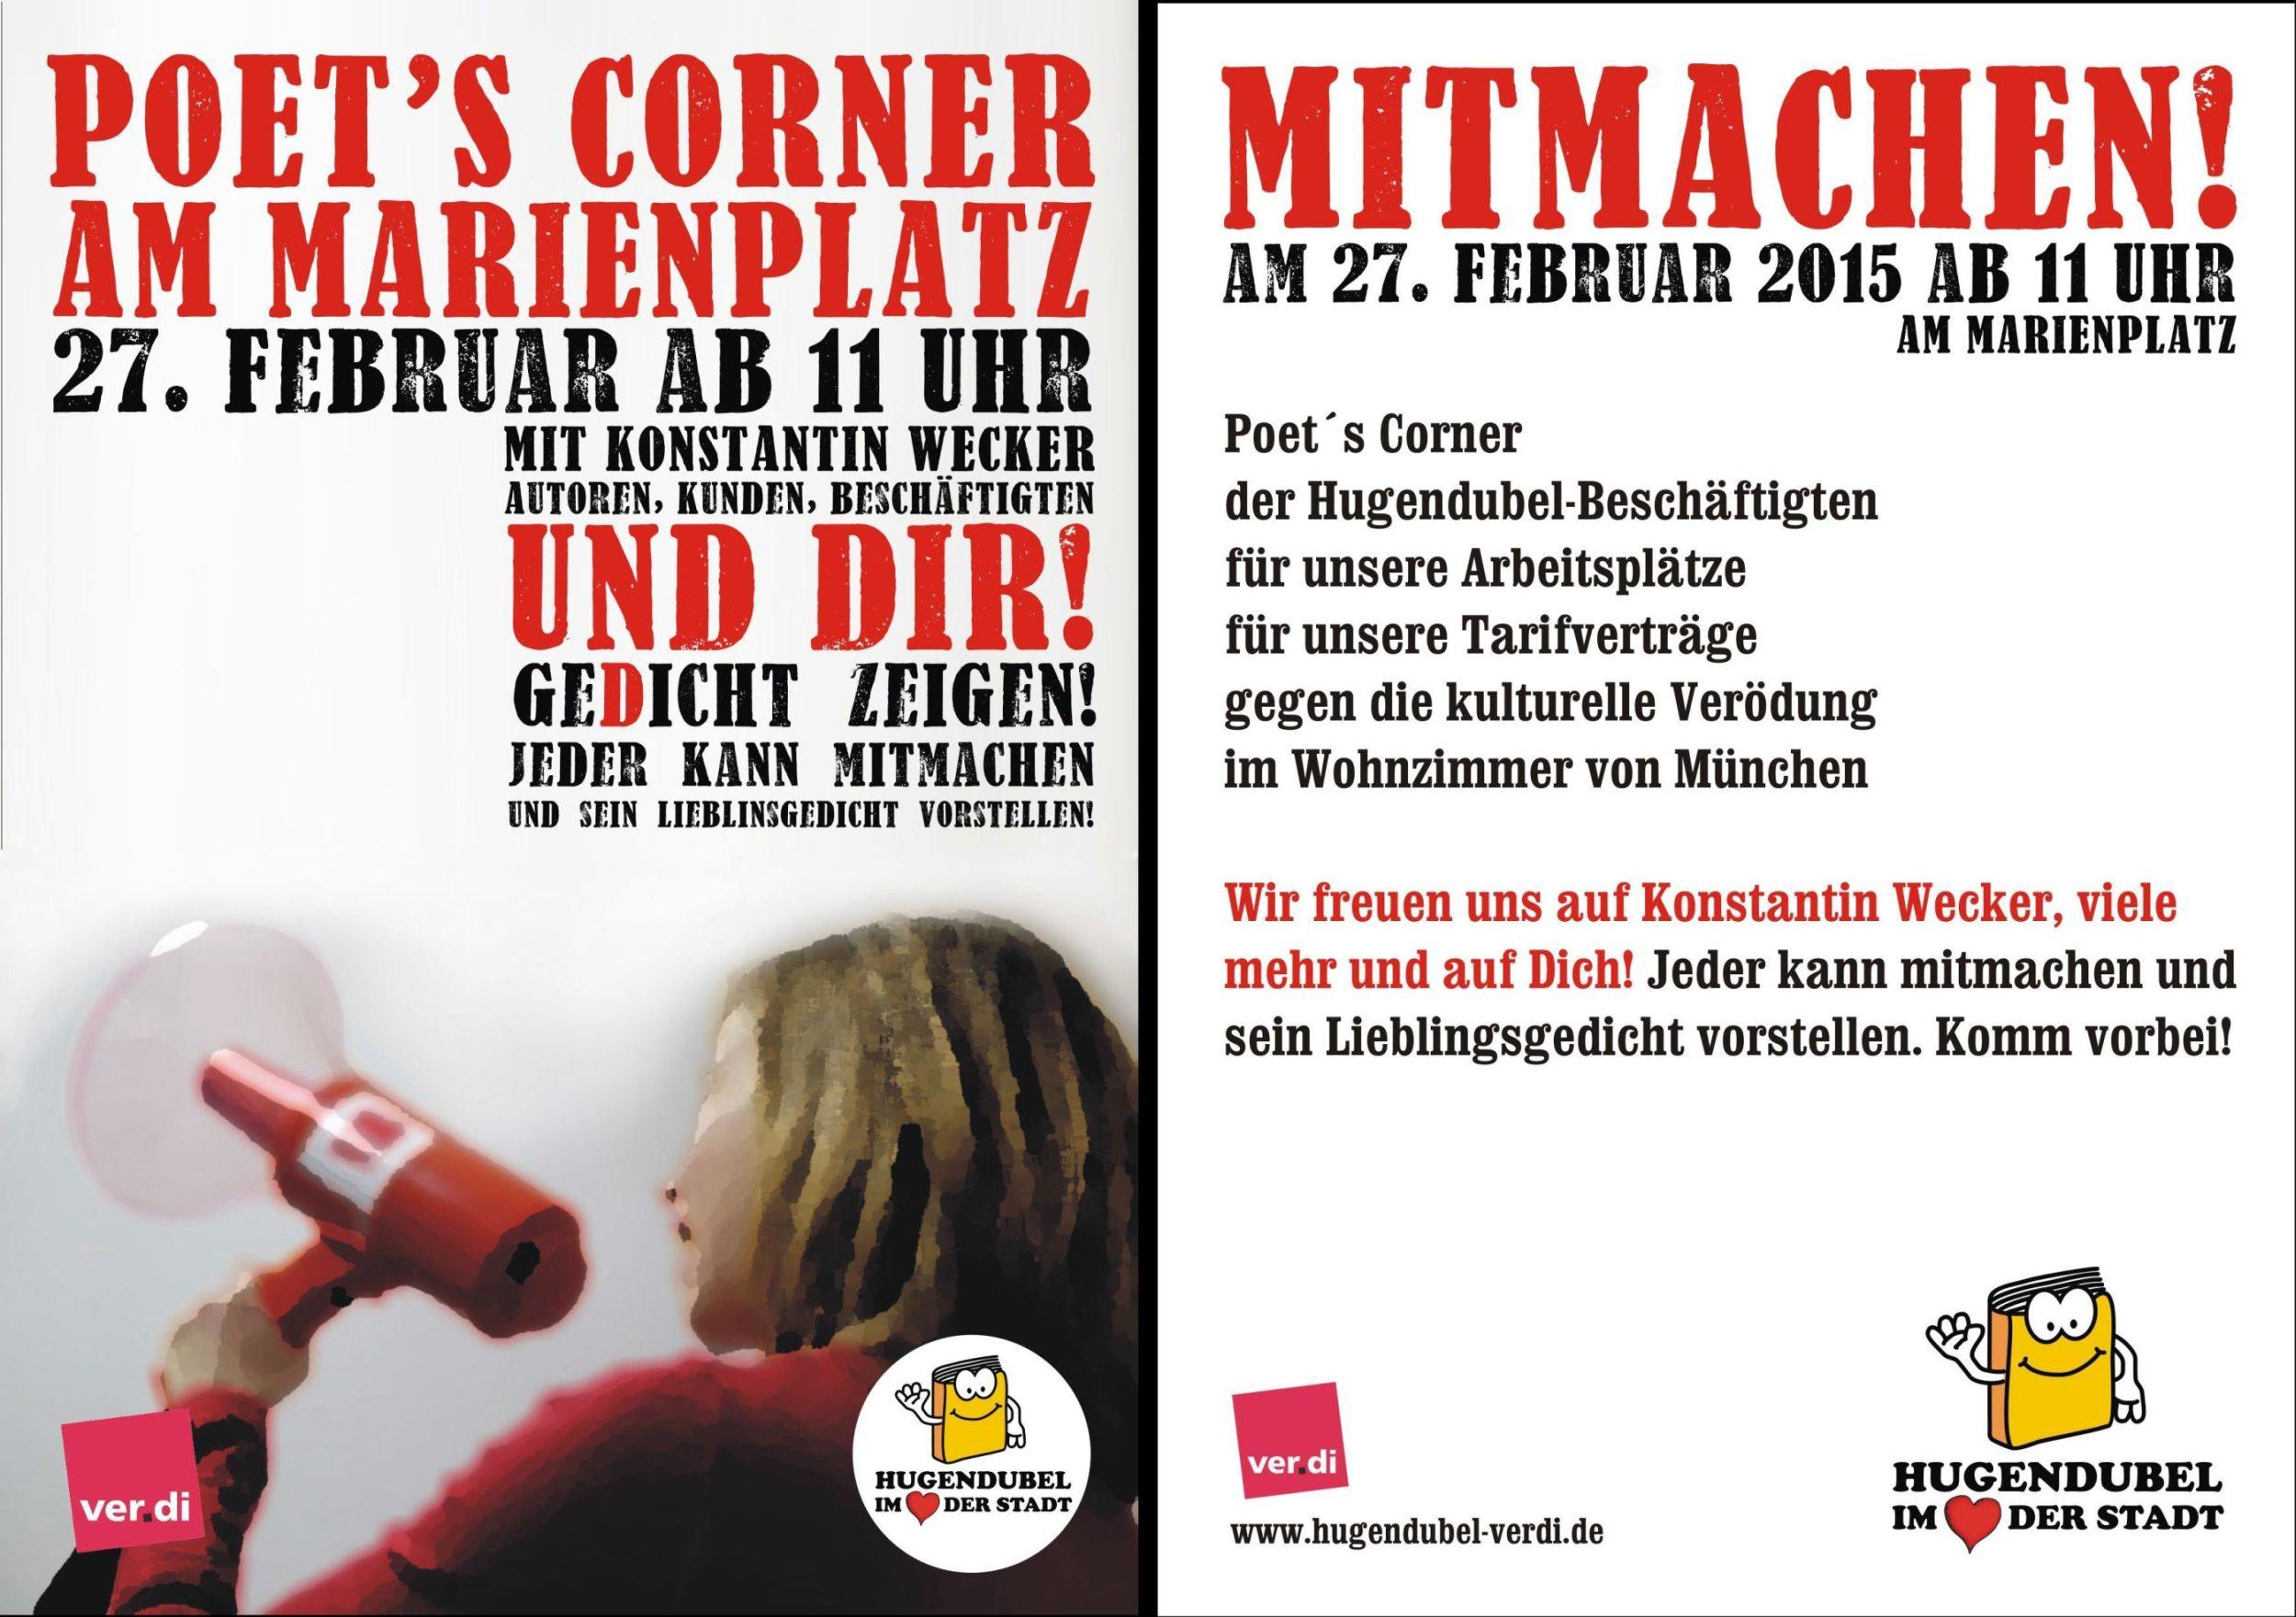 Poets Corner am Marienplatz, 27. Februar 2015 ab 11 Uhr